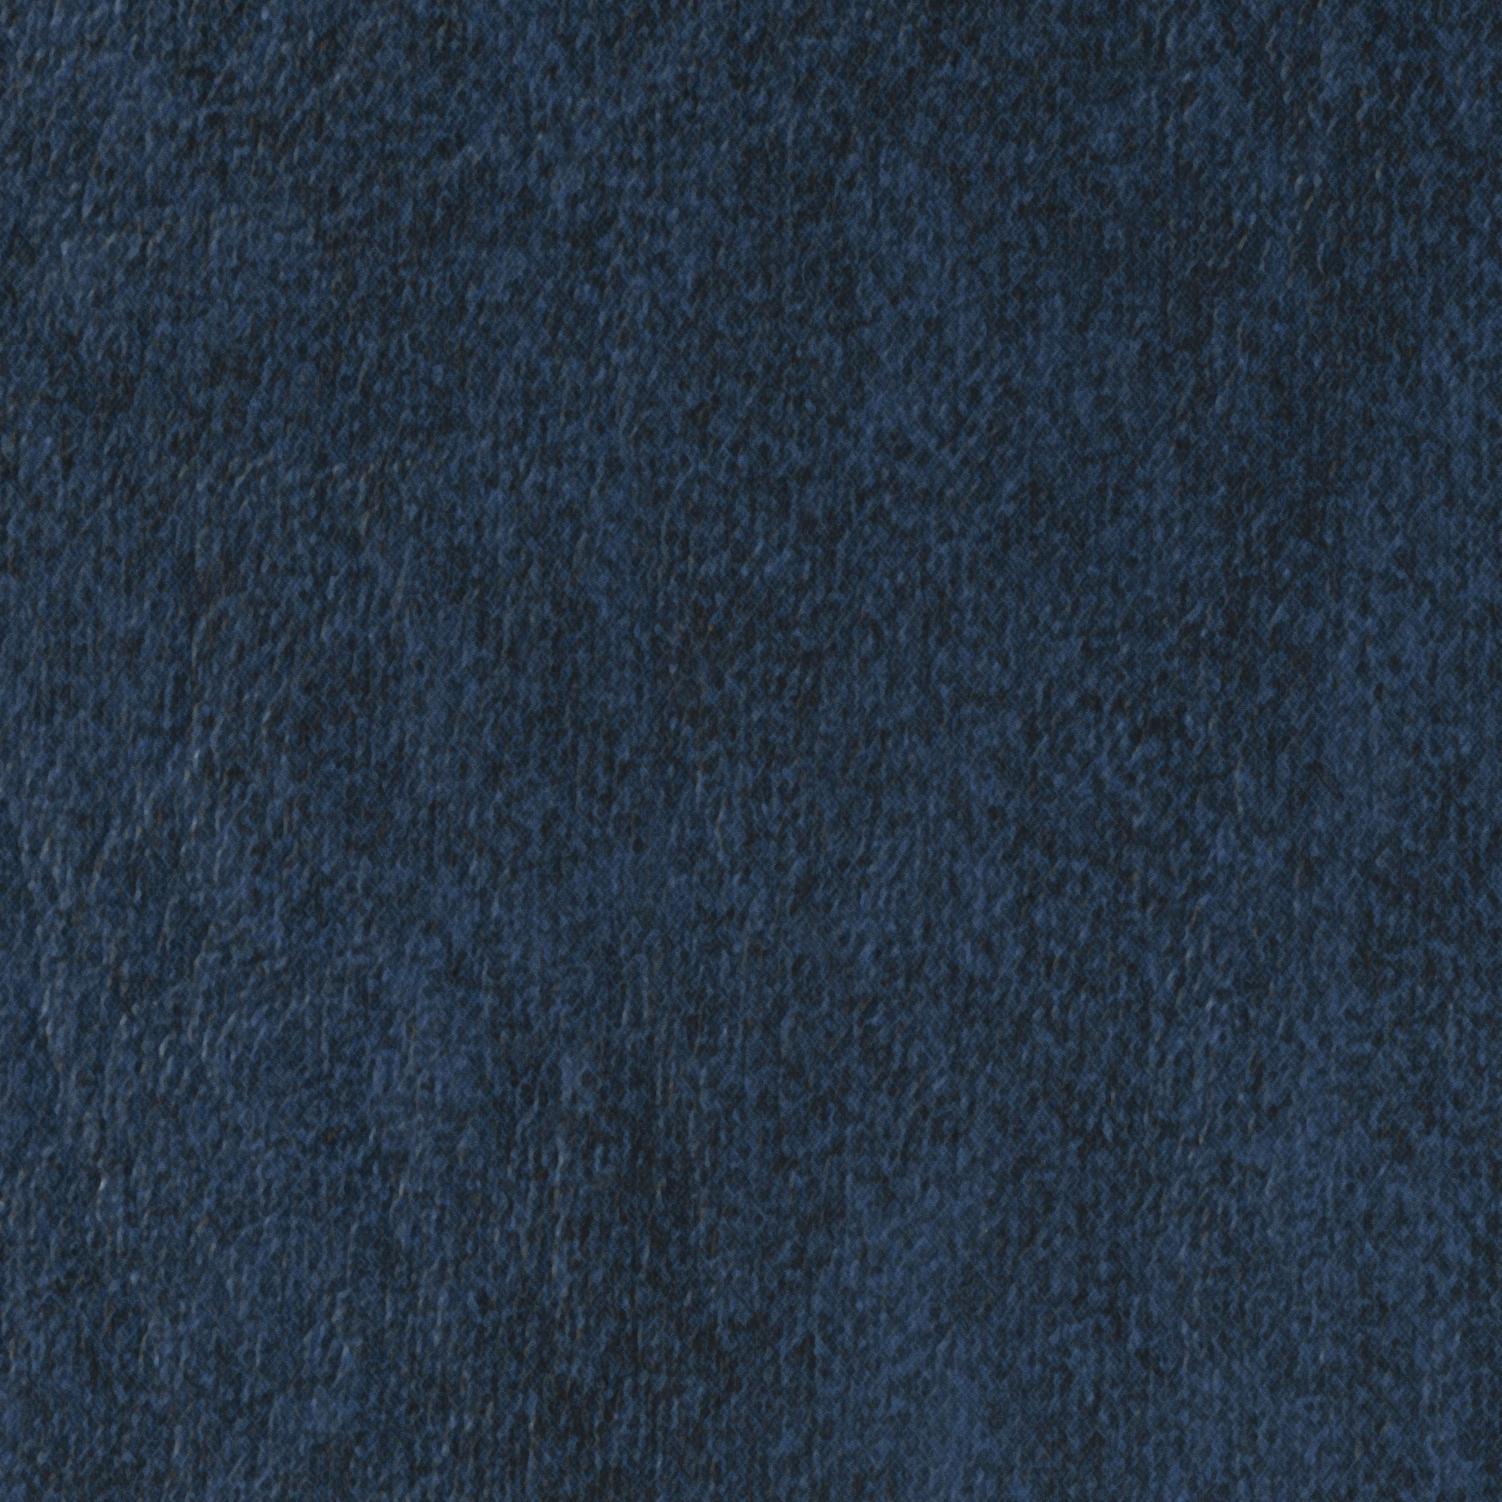 BLUE   RU-780